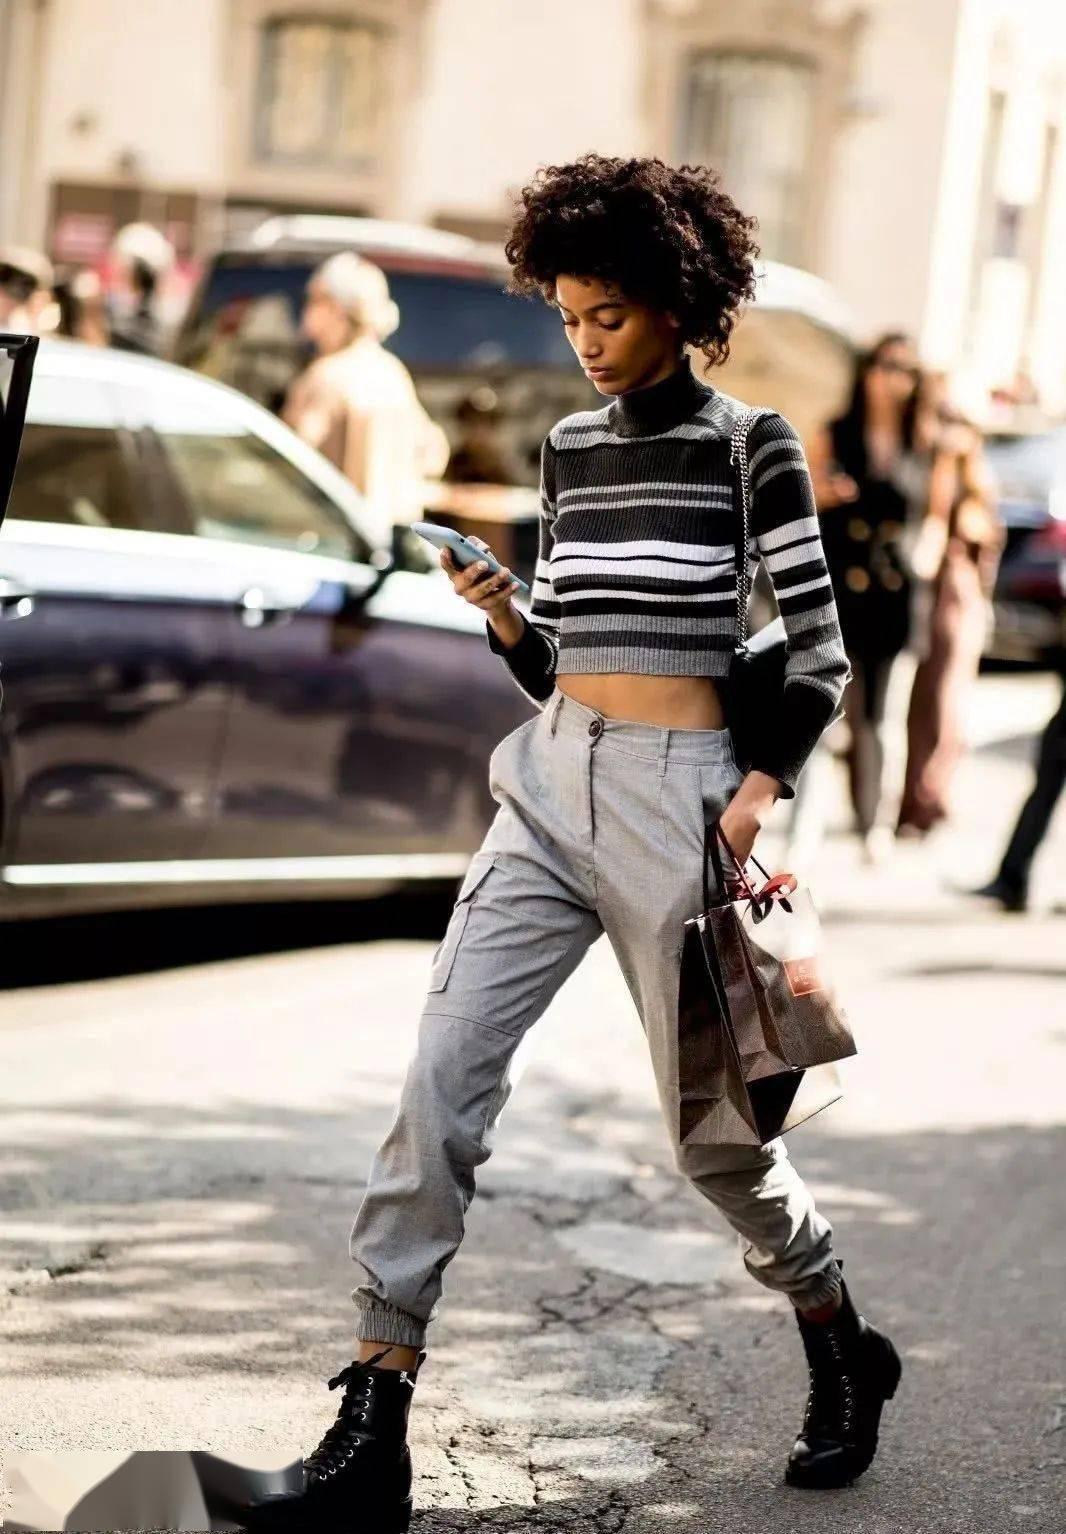 马丁靴+裙子,马丁靴+工装裤……又酷又撩,时髦炸了!     第33张